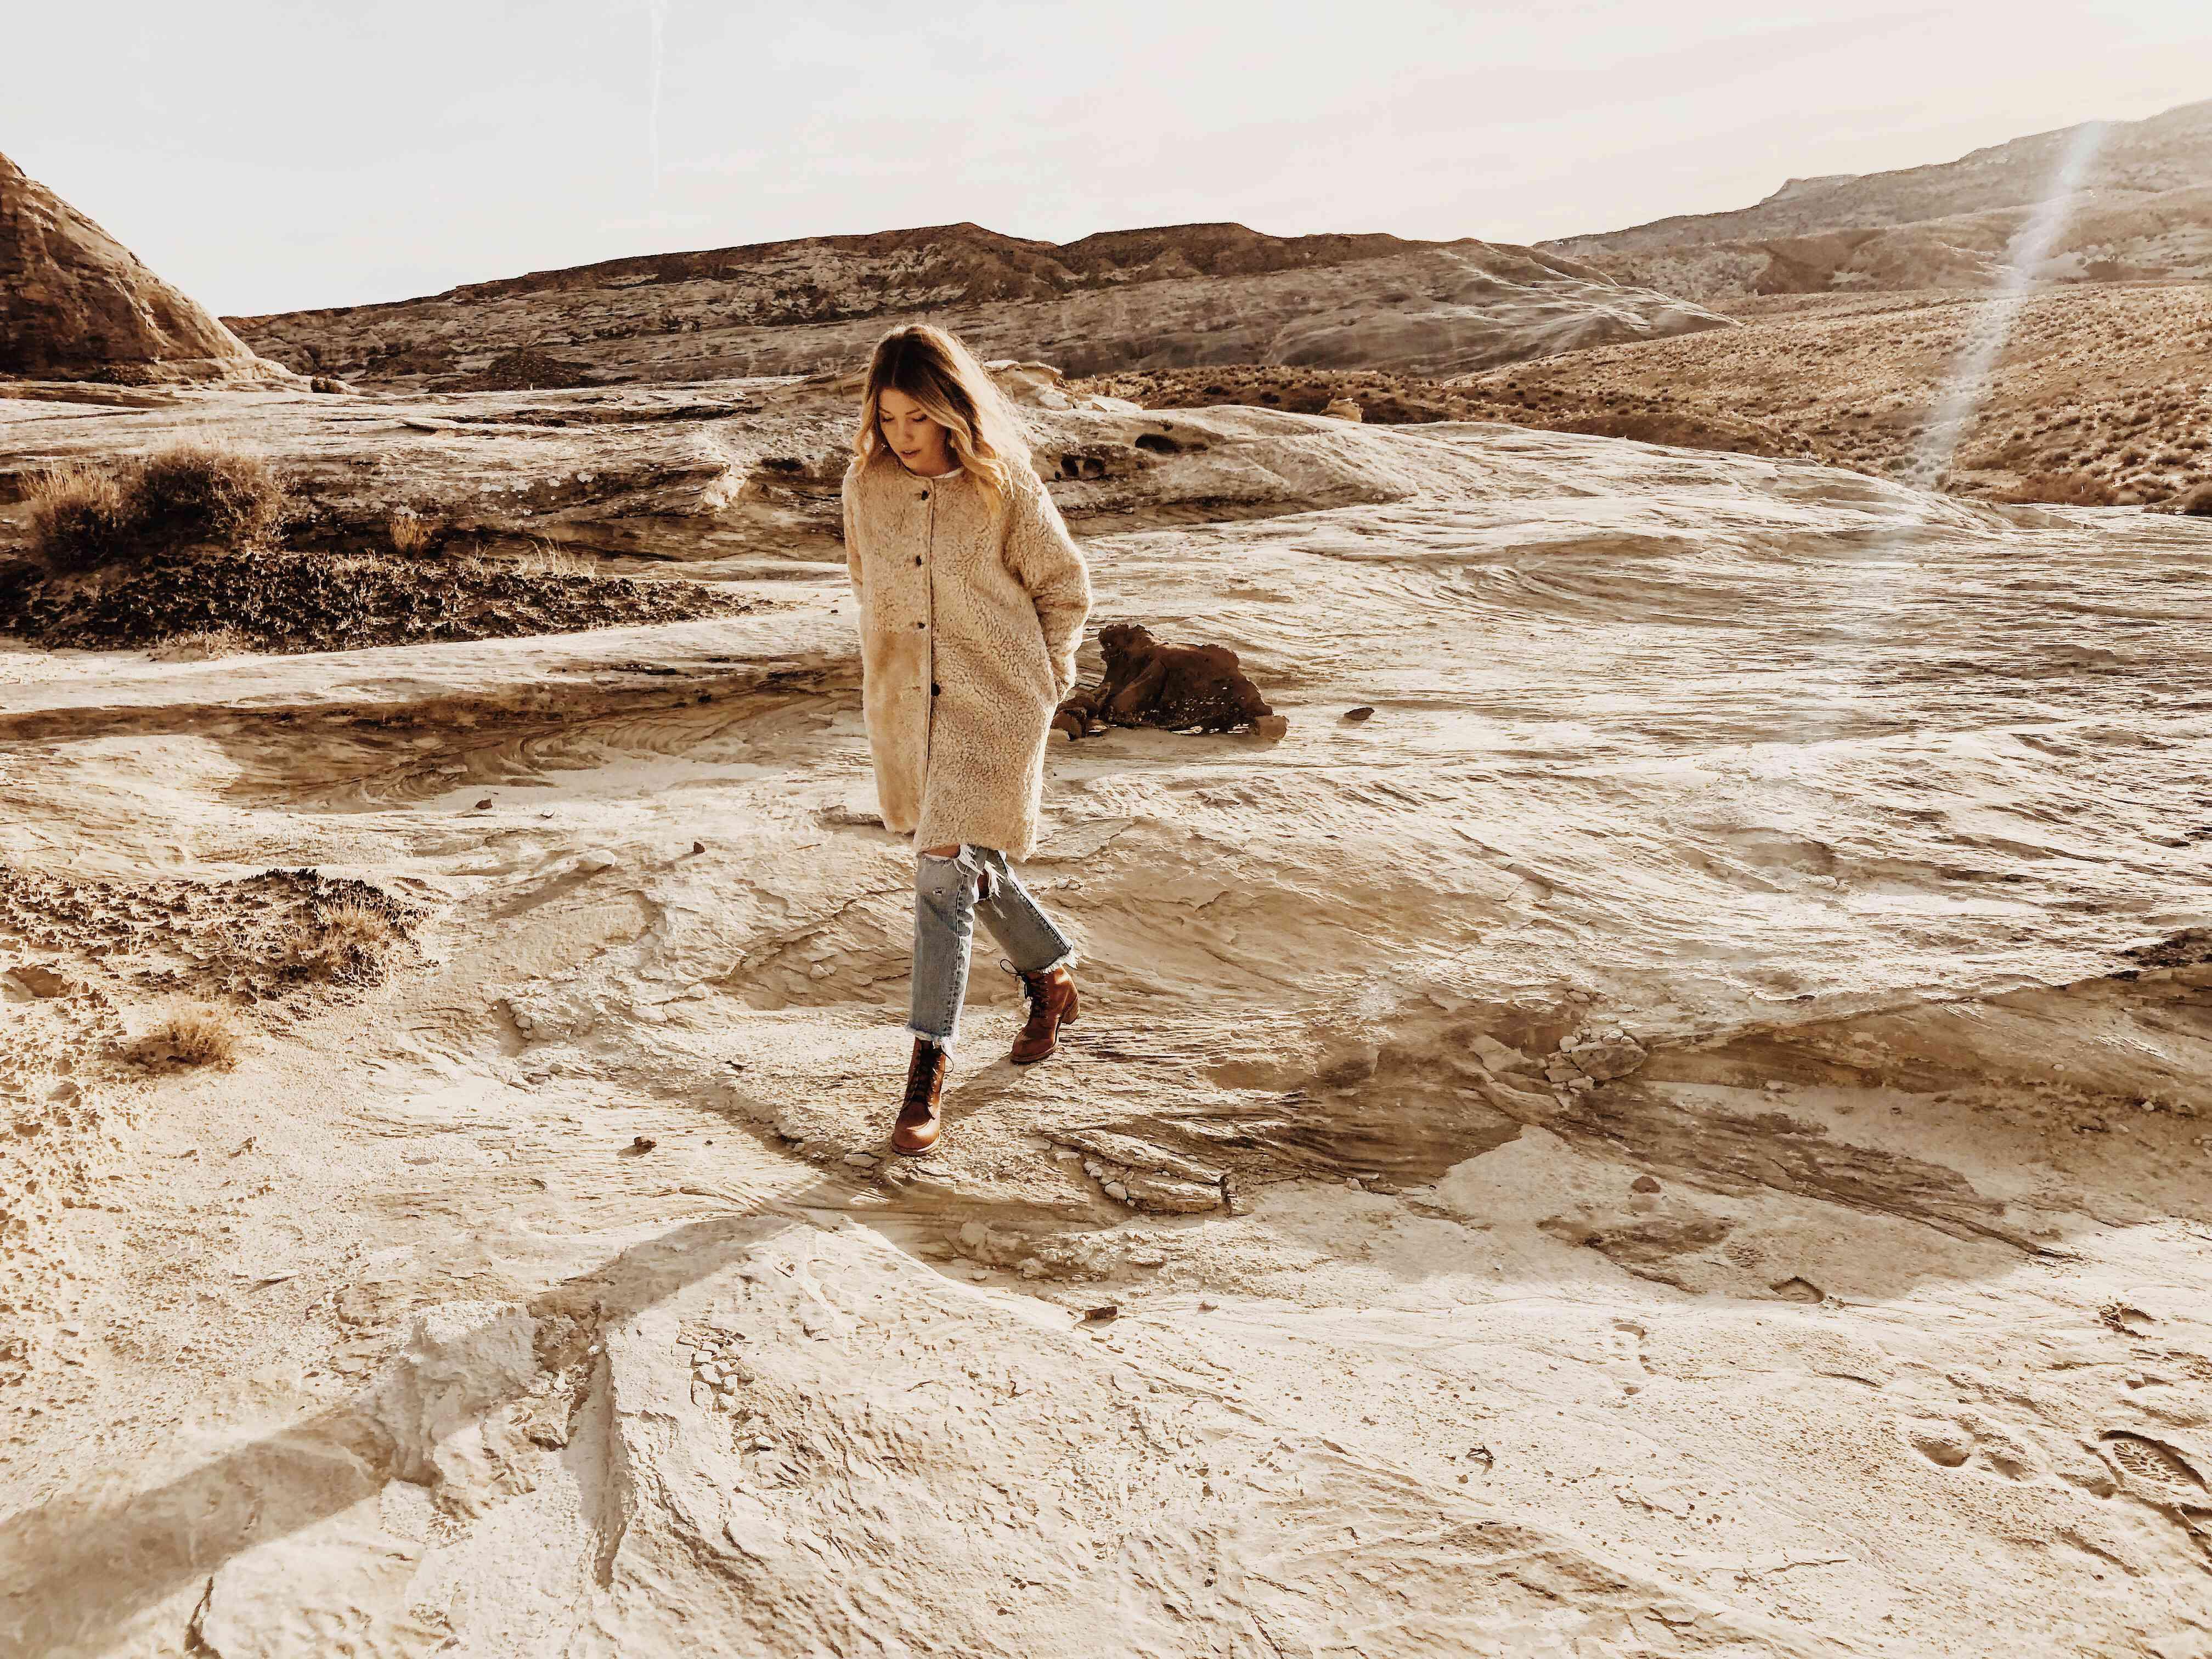 Aleksandra Zee in the desert